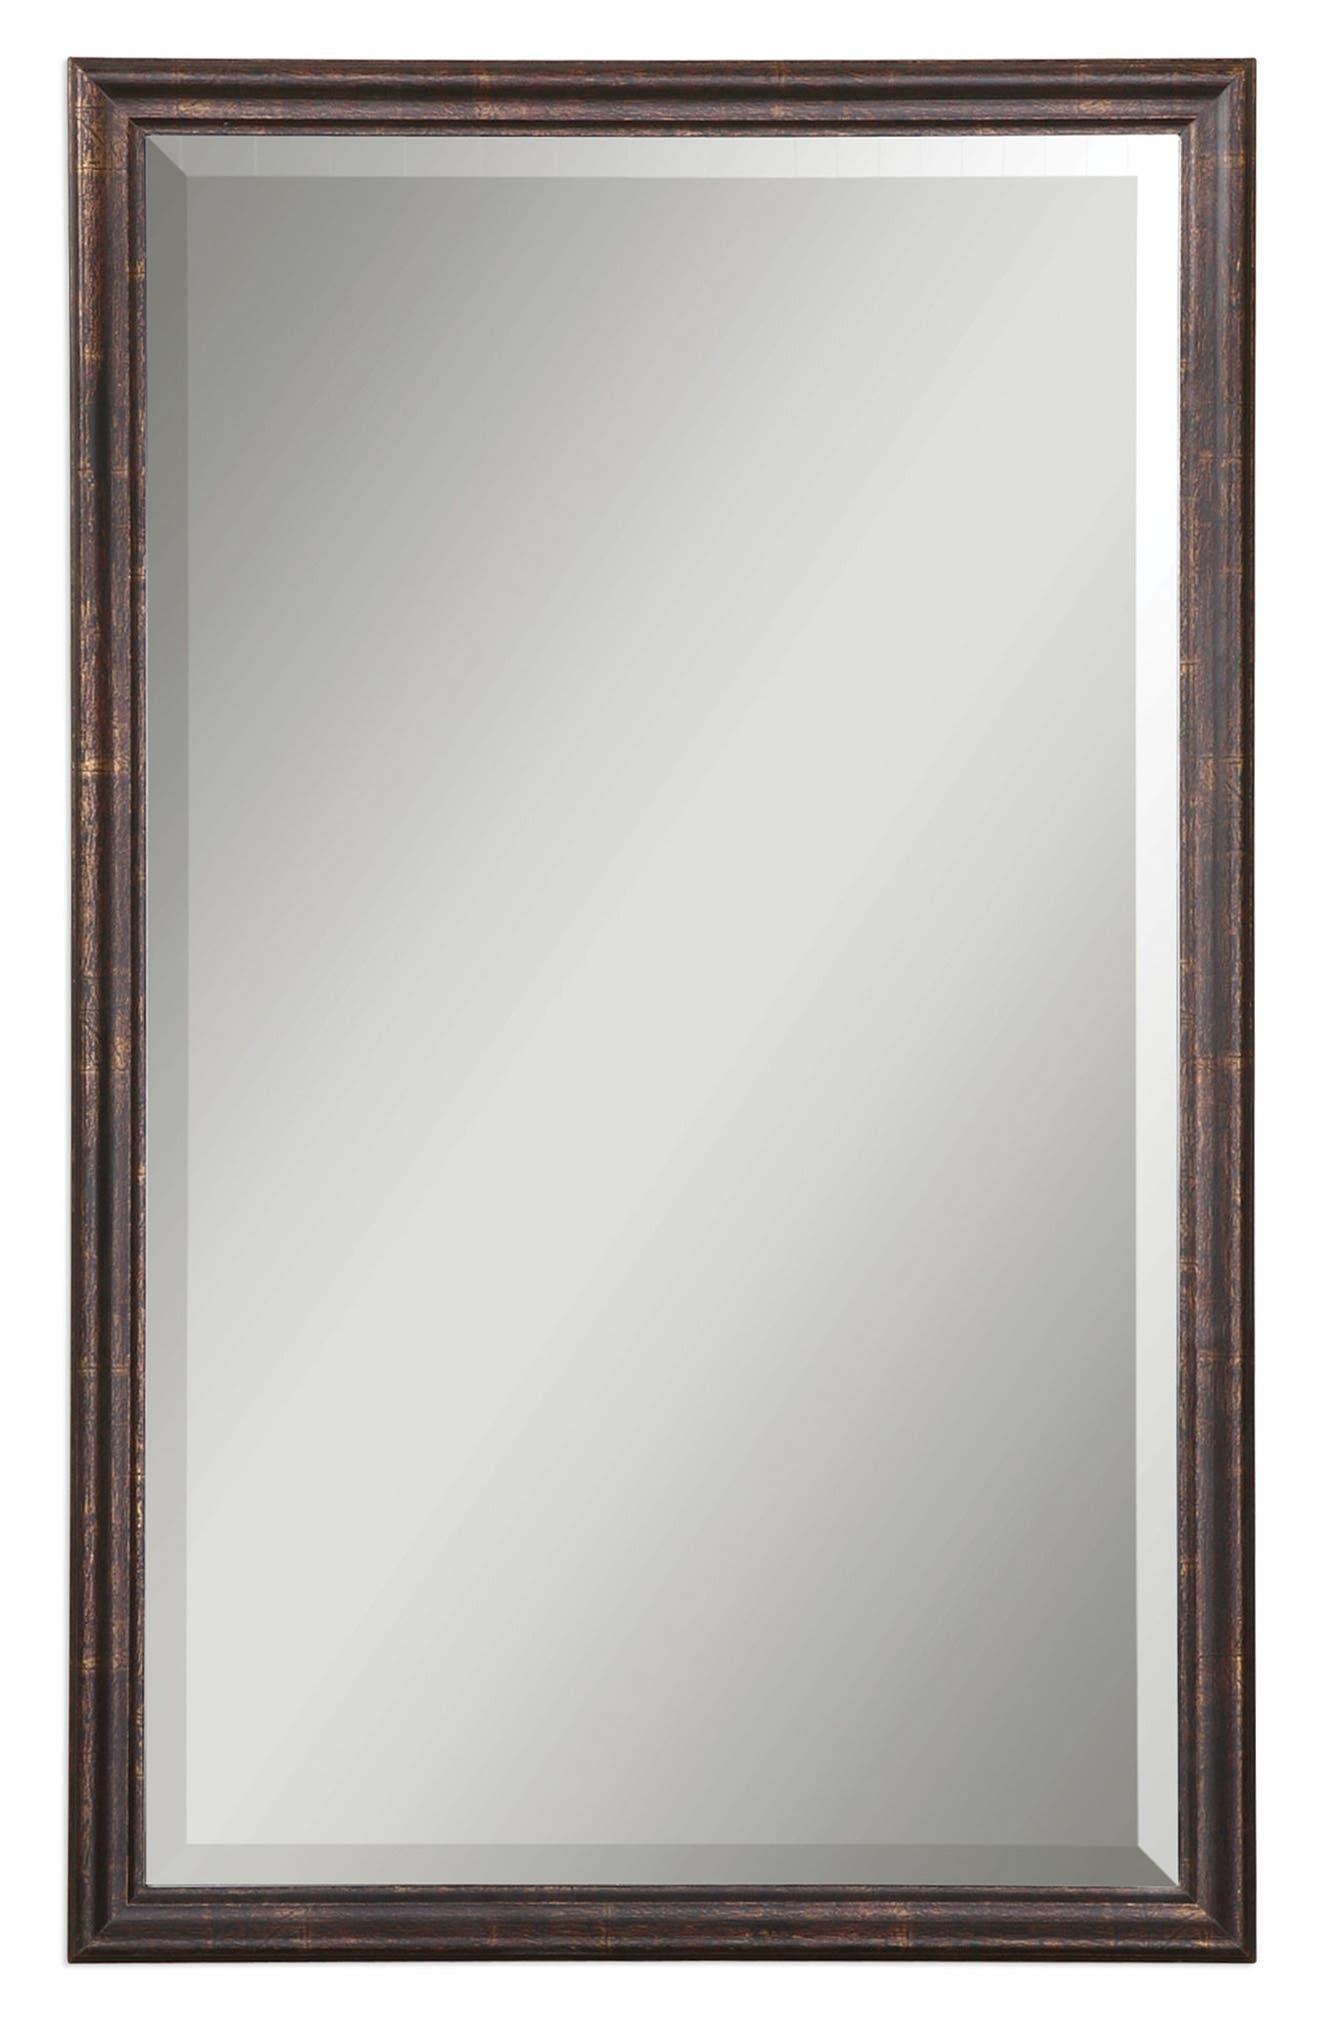 Renzo Vanity Mirror,                         Main,                         color, Metallic Rust/ Copper